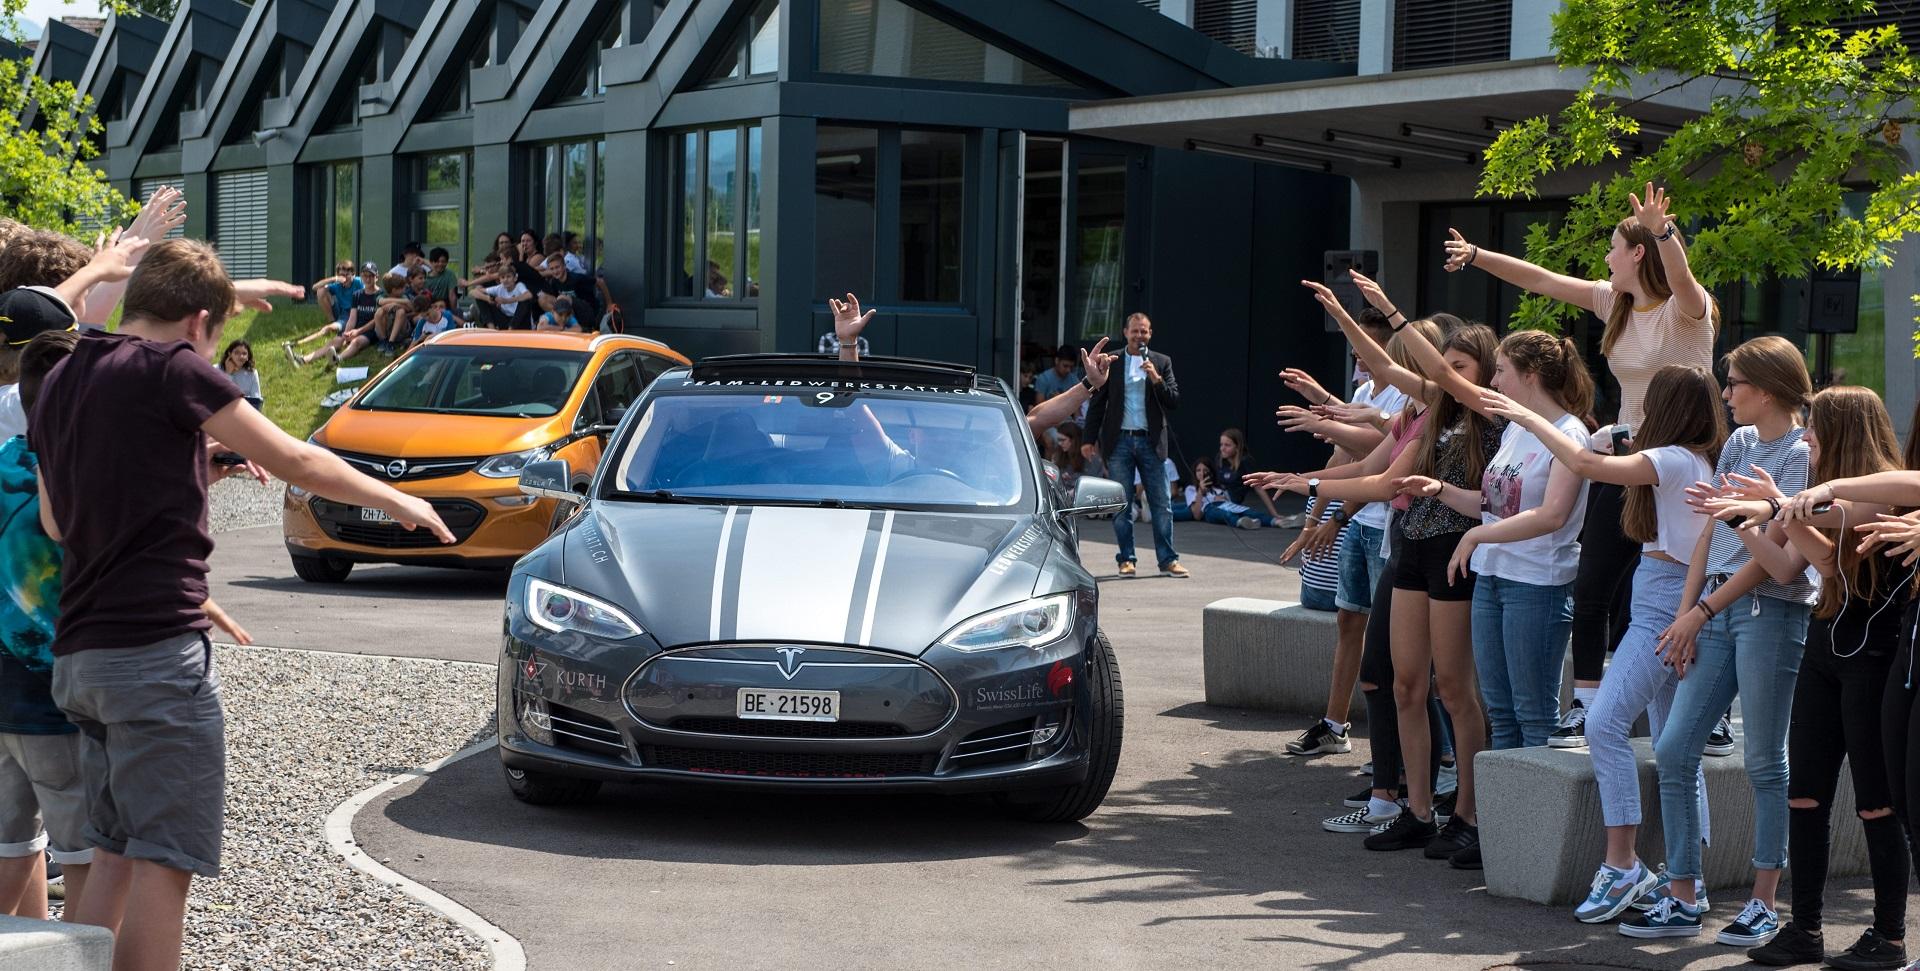 E-Charger, Ladestation, Supercharger, Tesla, Elektro mobilität